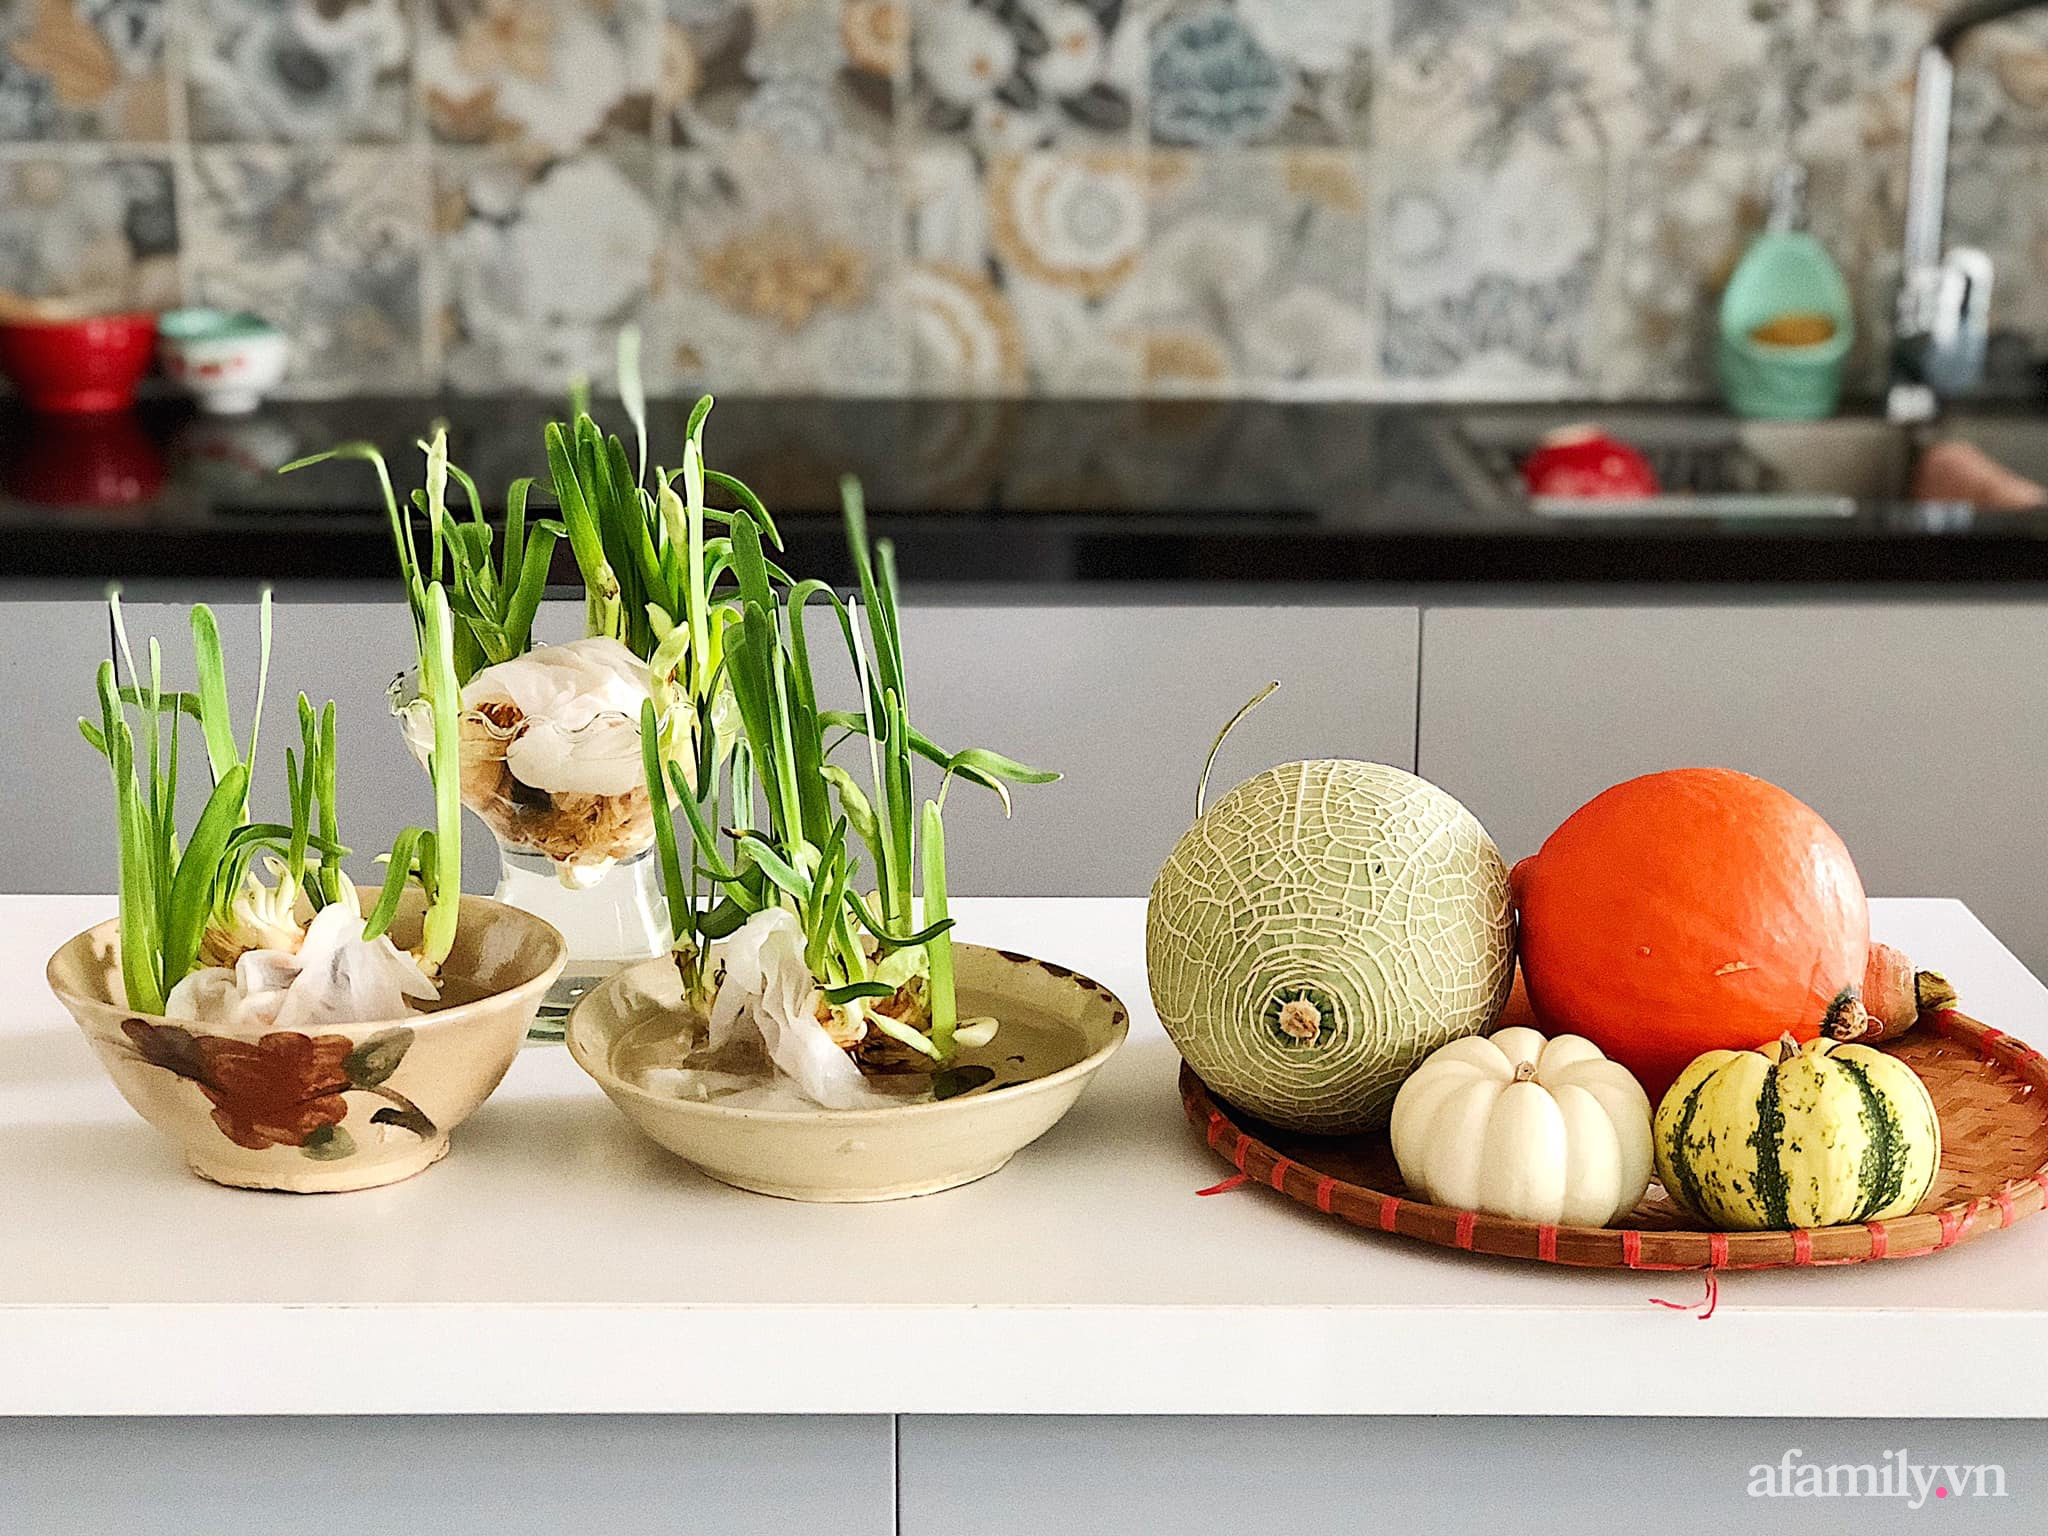 Mẻ đảm Hà Nội khéo mang Tết vào tổ ấm đẹp duyên dáng với gốm và hoa - Ảnh 13.